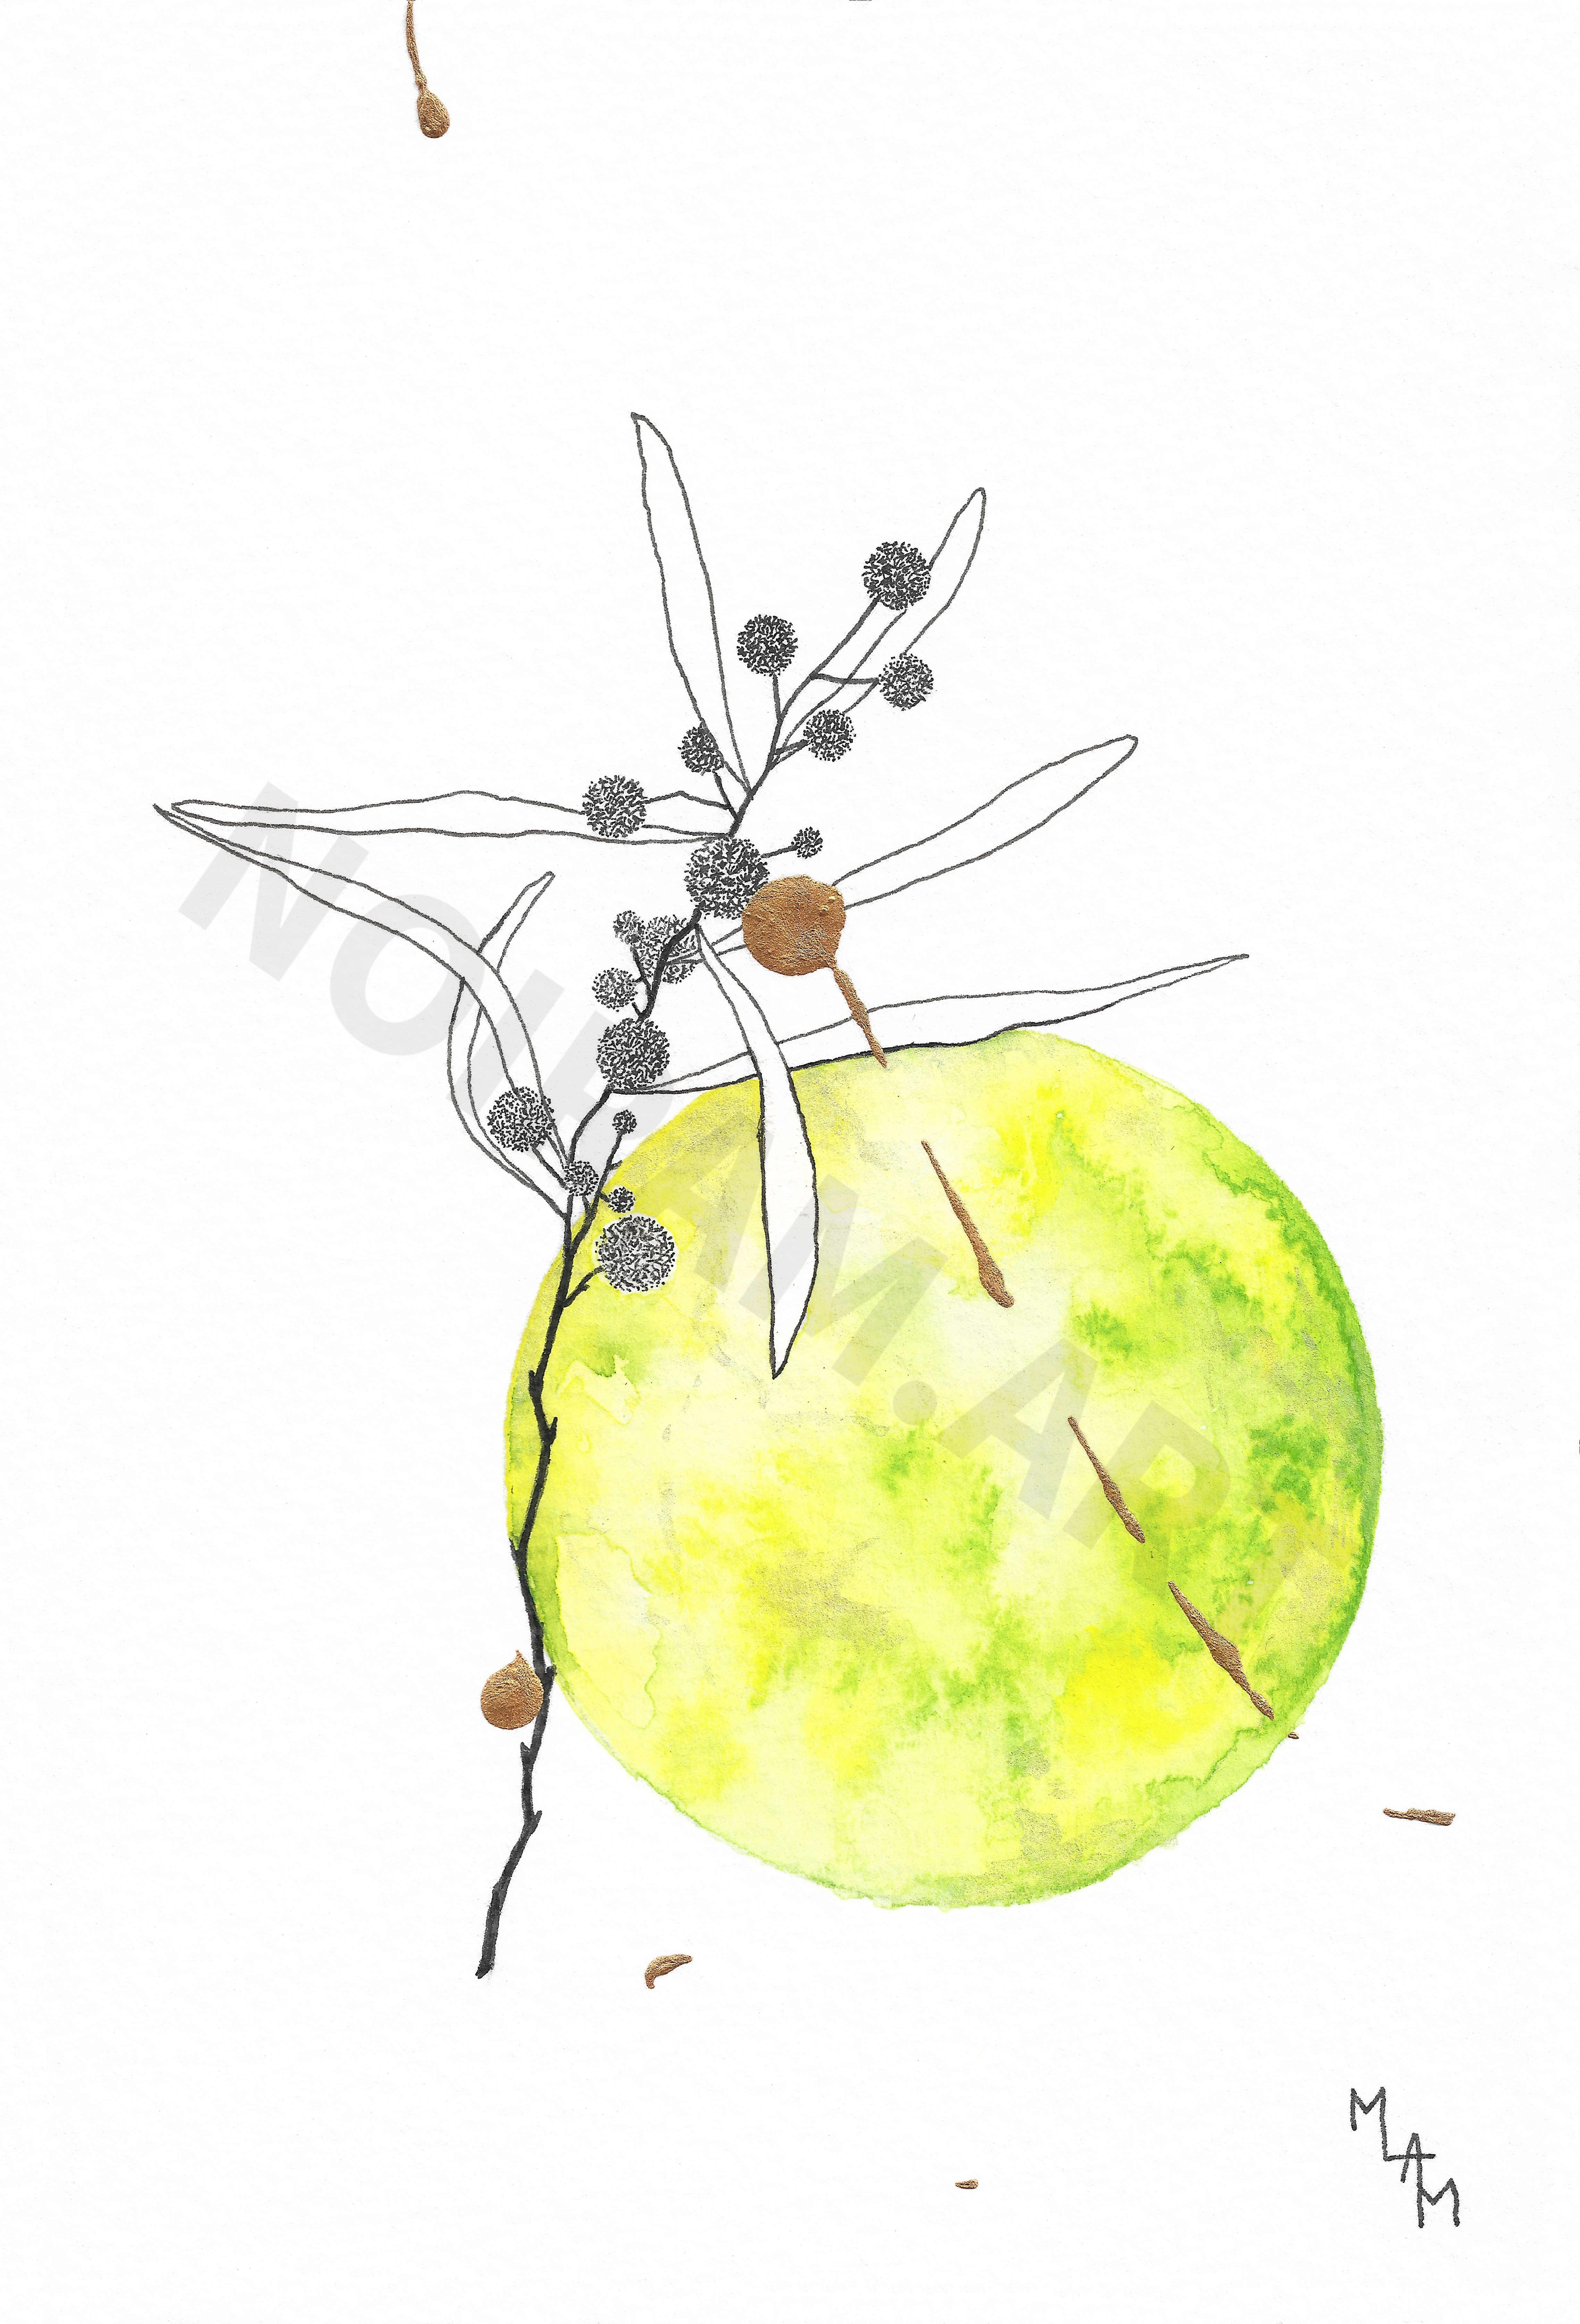 mlam marion-lorraine poncet noiram aquarelle mimosa nul ne sait à quel point je t'aime planète